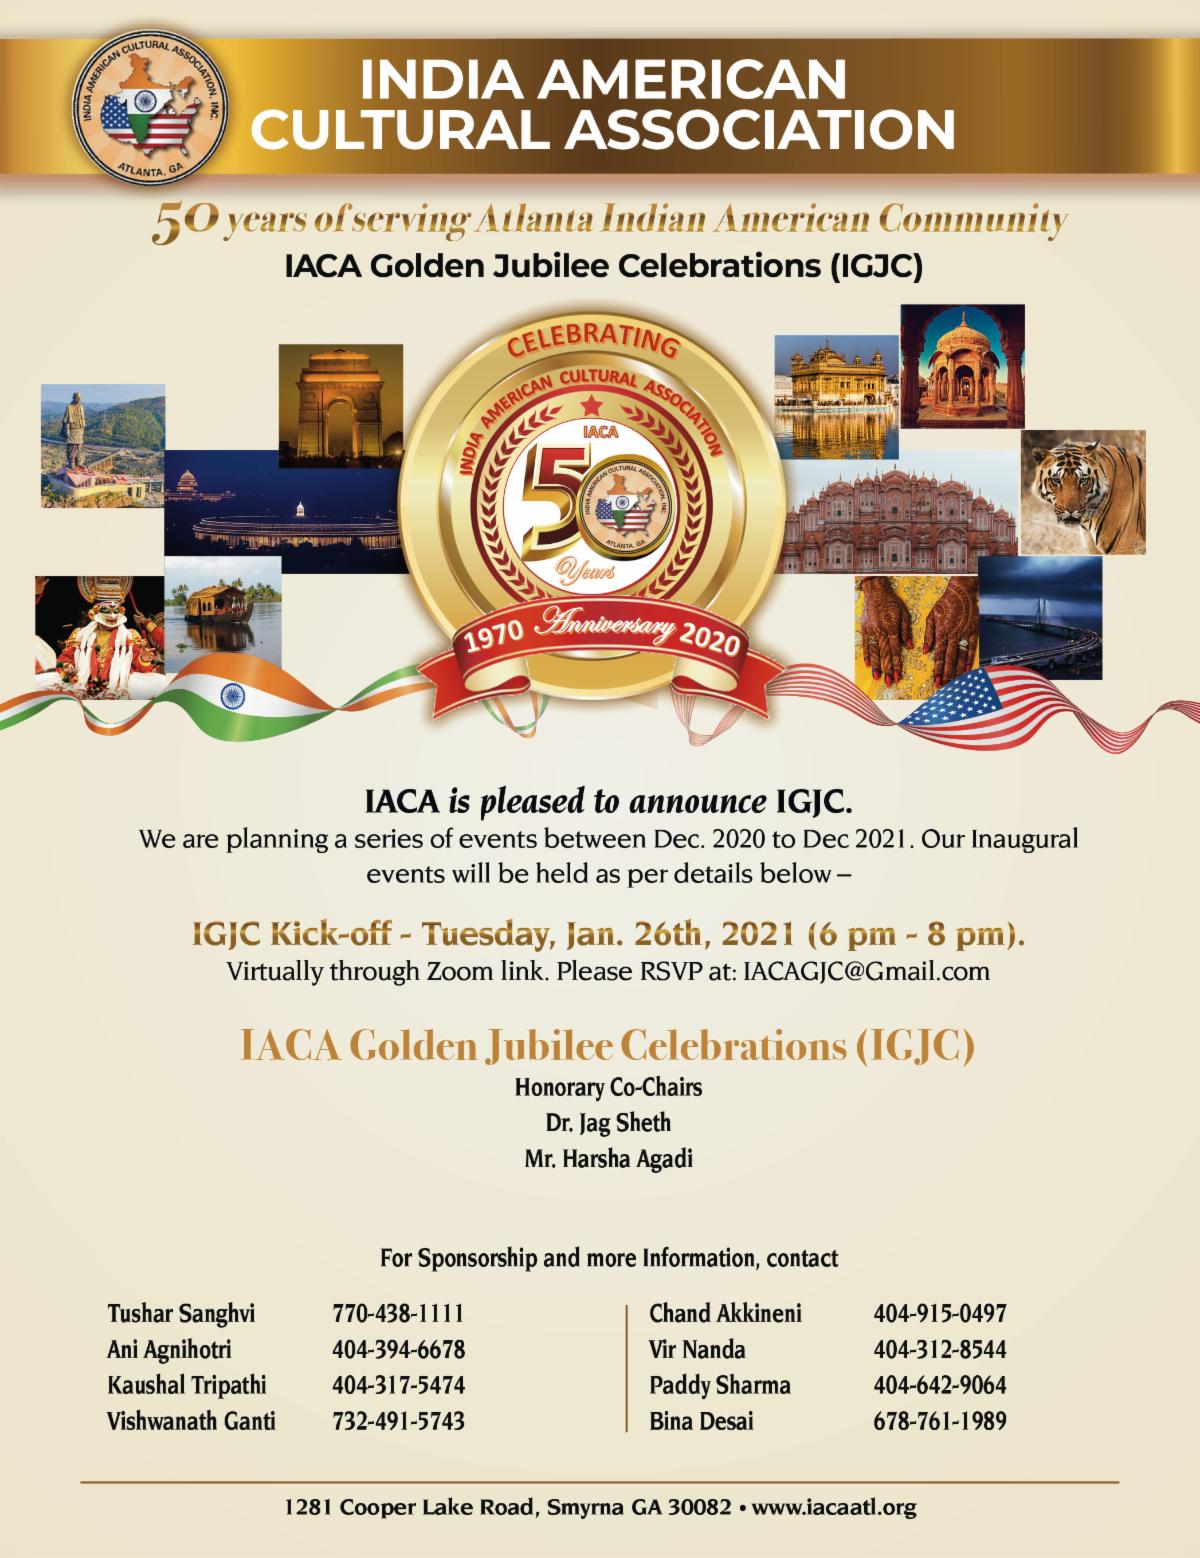 IACA Golden Jubilee Celebrations Kick Off